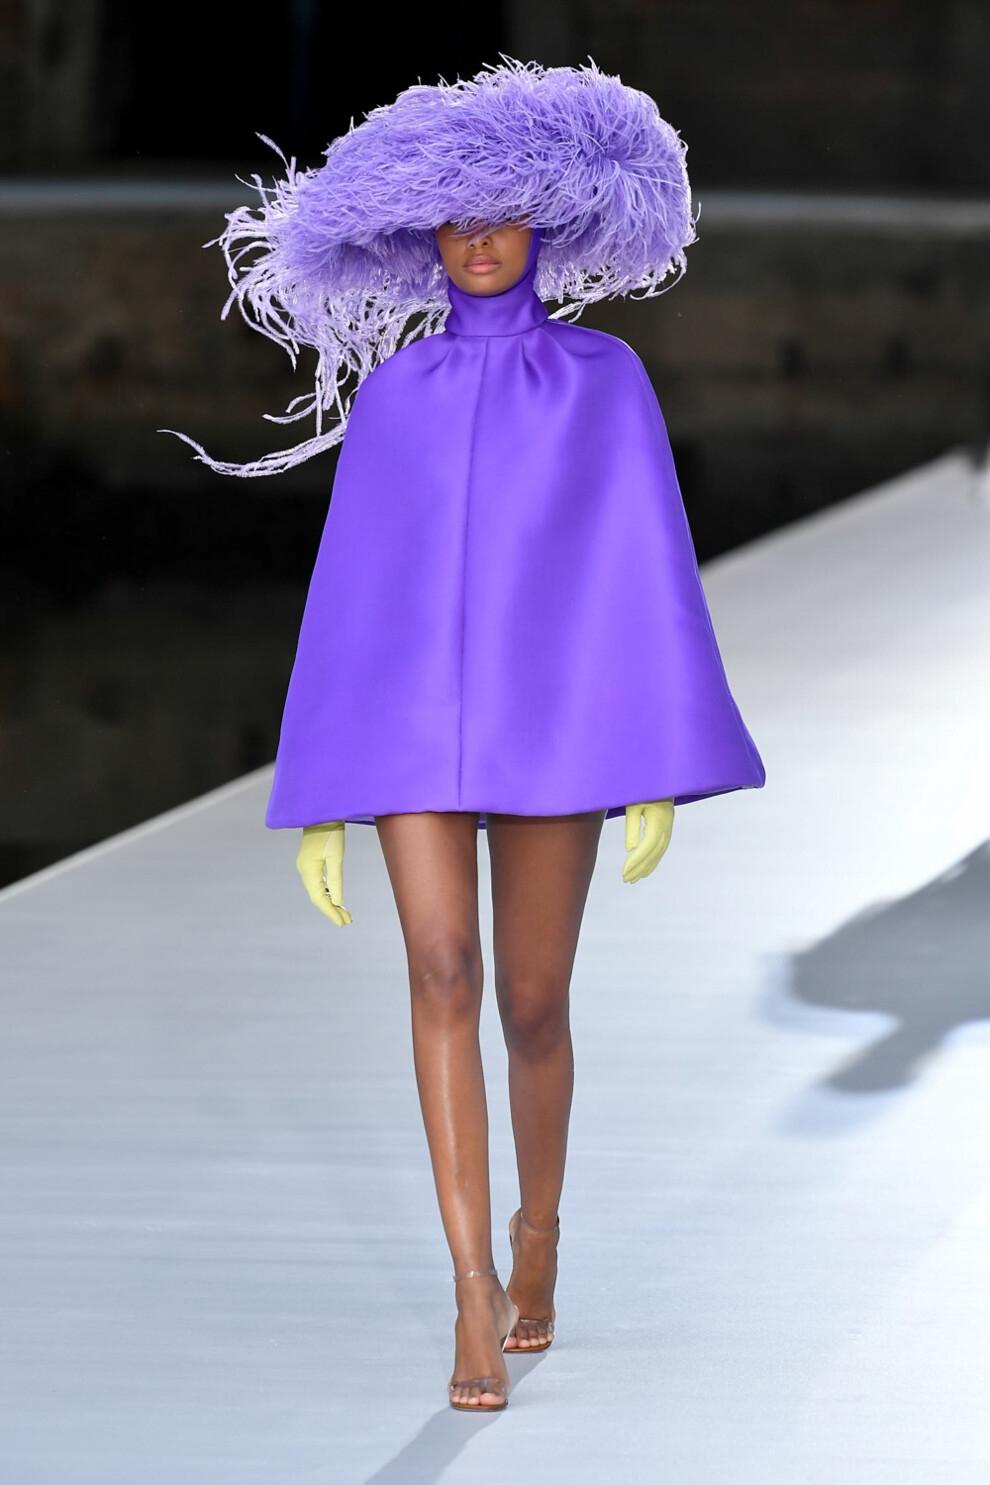 Шляпы с перьями и много цвета в новой коллекции Valentino Haute Couture (ФОТО) - фото №4